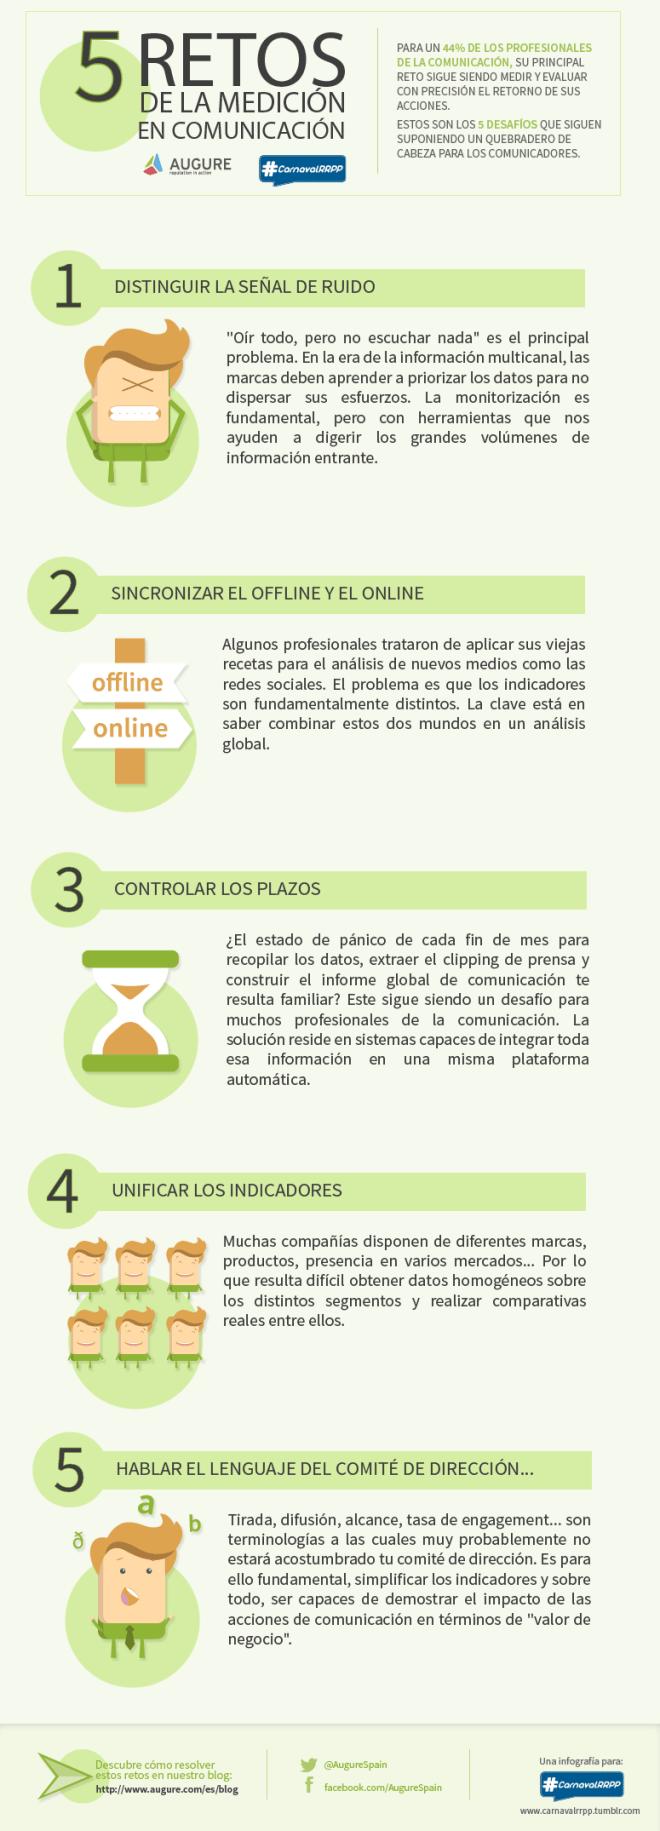 5 retos de la medición de las comunicaciones